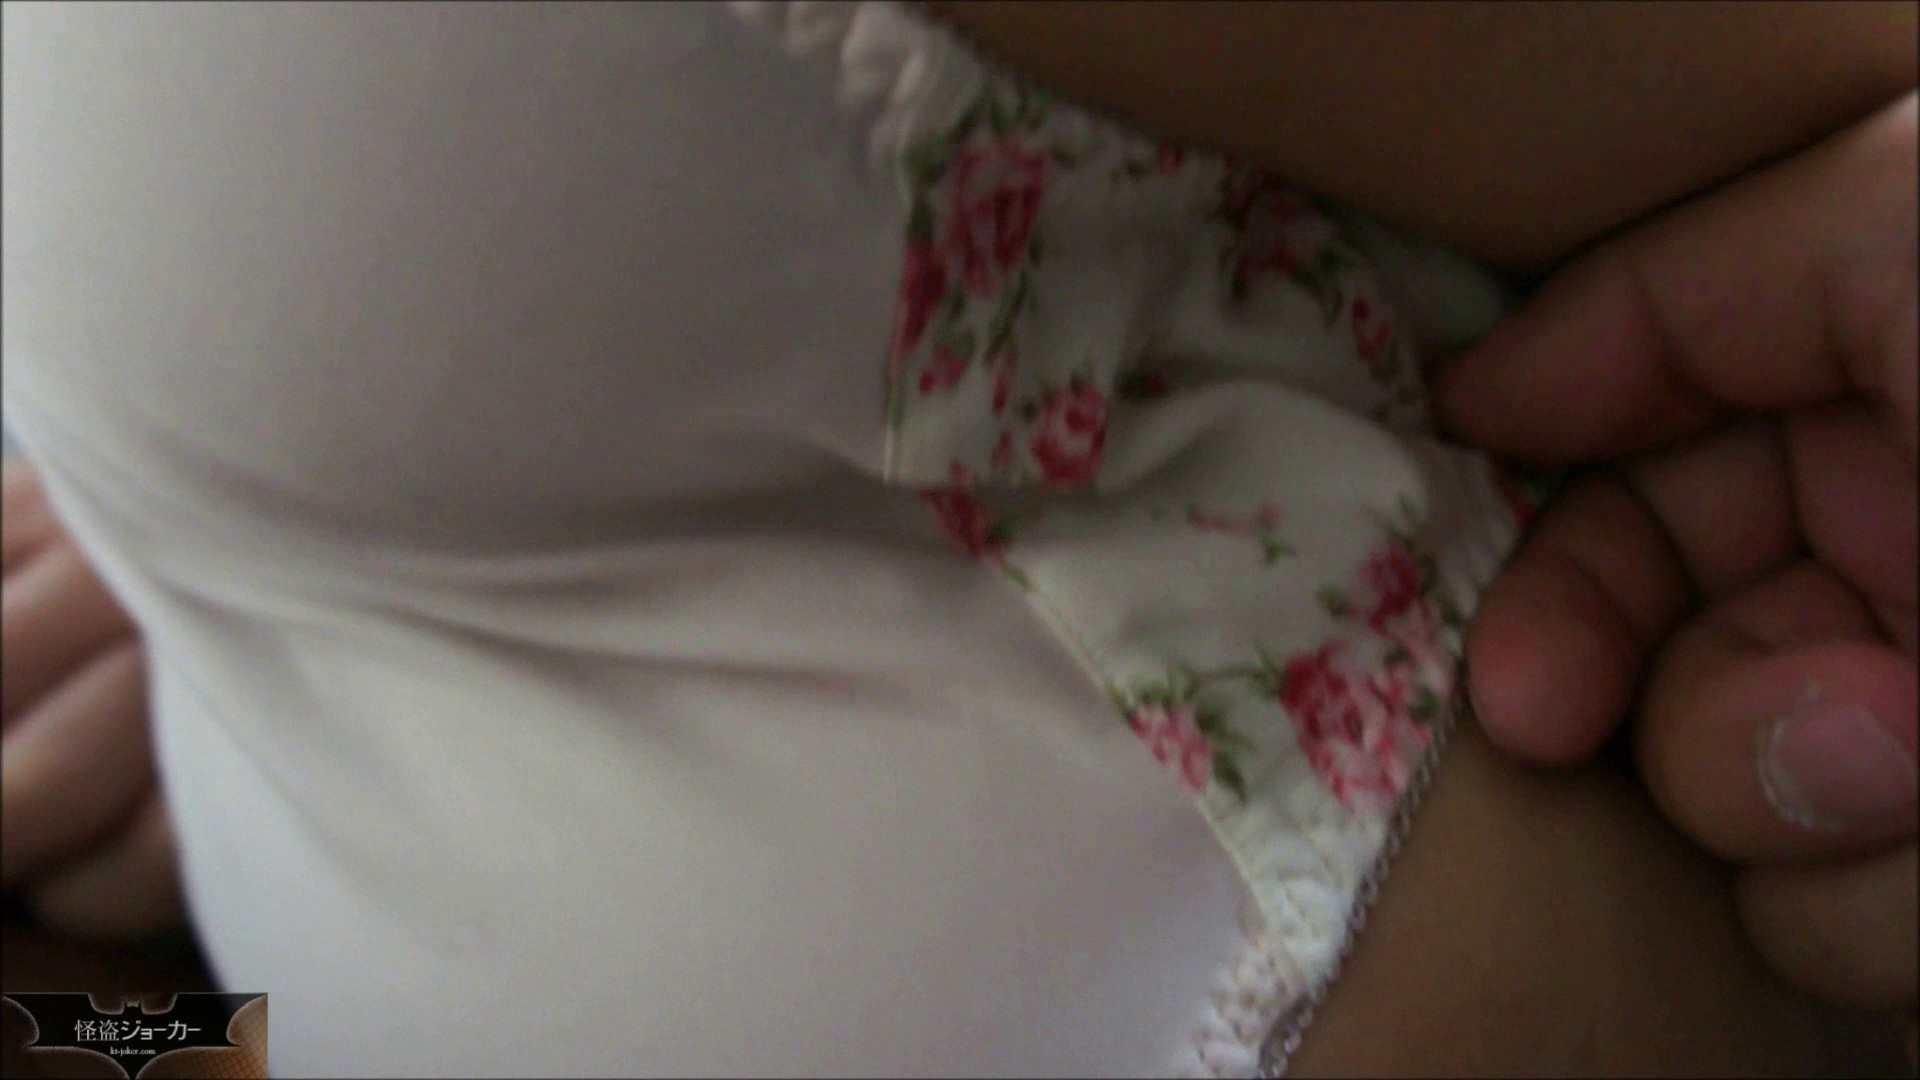 【未公開】vol.5 ユリナ×ヒトミ女市女末を・・・② 美人   人妻エロ映像  59pic 34